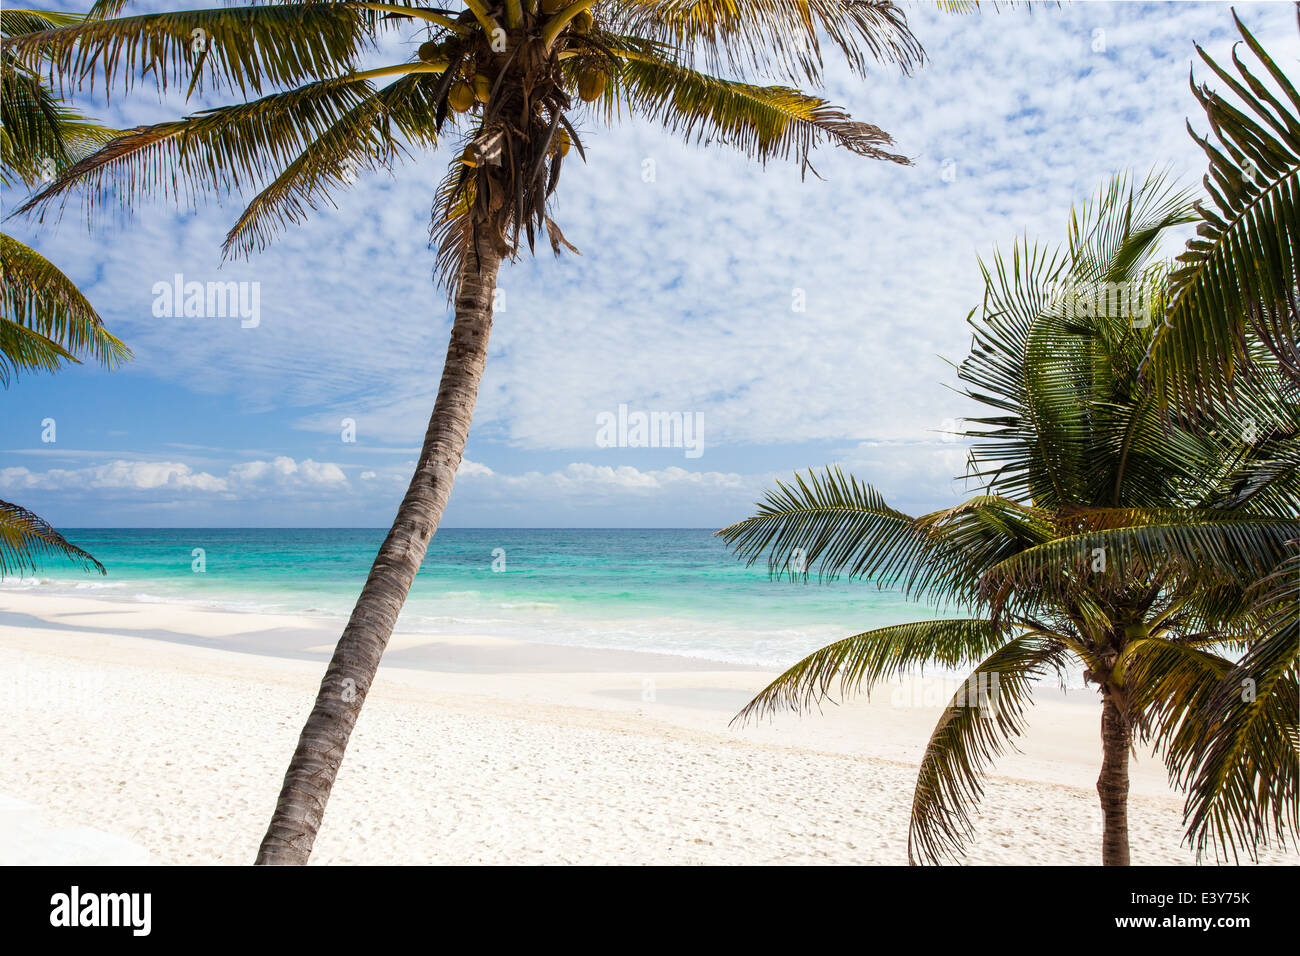 Palmen und weißem Sand an der Riviera Maya Strand von Tulum, Mexiko. Stockbild